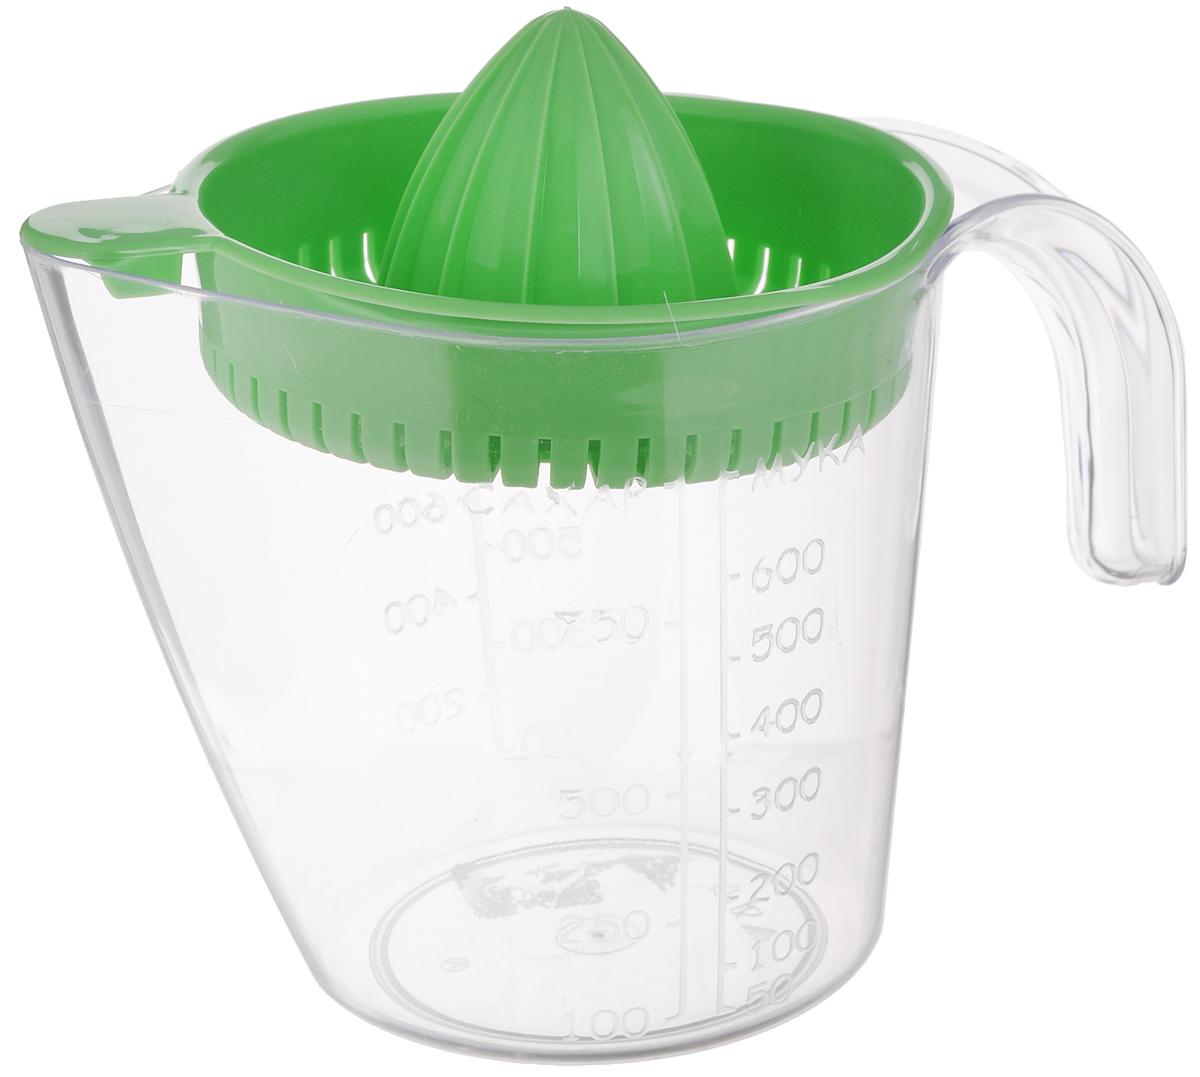 Соковыжималка для цитрусовых Альтернатива, ручная, с мерным стаканом, цвет: зеленый, 1,1 лM380Ручная соковыжималка для цитрусовых Альтернатива, изготовленная из пластика, станет полезным аксессуаром на любой кухне. Она идеально подойдет для мелких и крупных цитрусовых фруктов. Достаточно разрезать фрукты пополам, зафиксировать на держателе и покрутить. Сок выливается в мерный стакан, входящий в комплект. Простая и удобная в использовании соковыжималка Альтернатива займет достойное место среди кухонного инвентаря. Размер соковыжималки: 16 см х 13,5 см х 6 см. Объем мерного стакана: 1100 мл. Диаметр стакана по верхнему краю: 13 см. Высота стакана: 13,5 см.